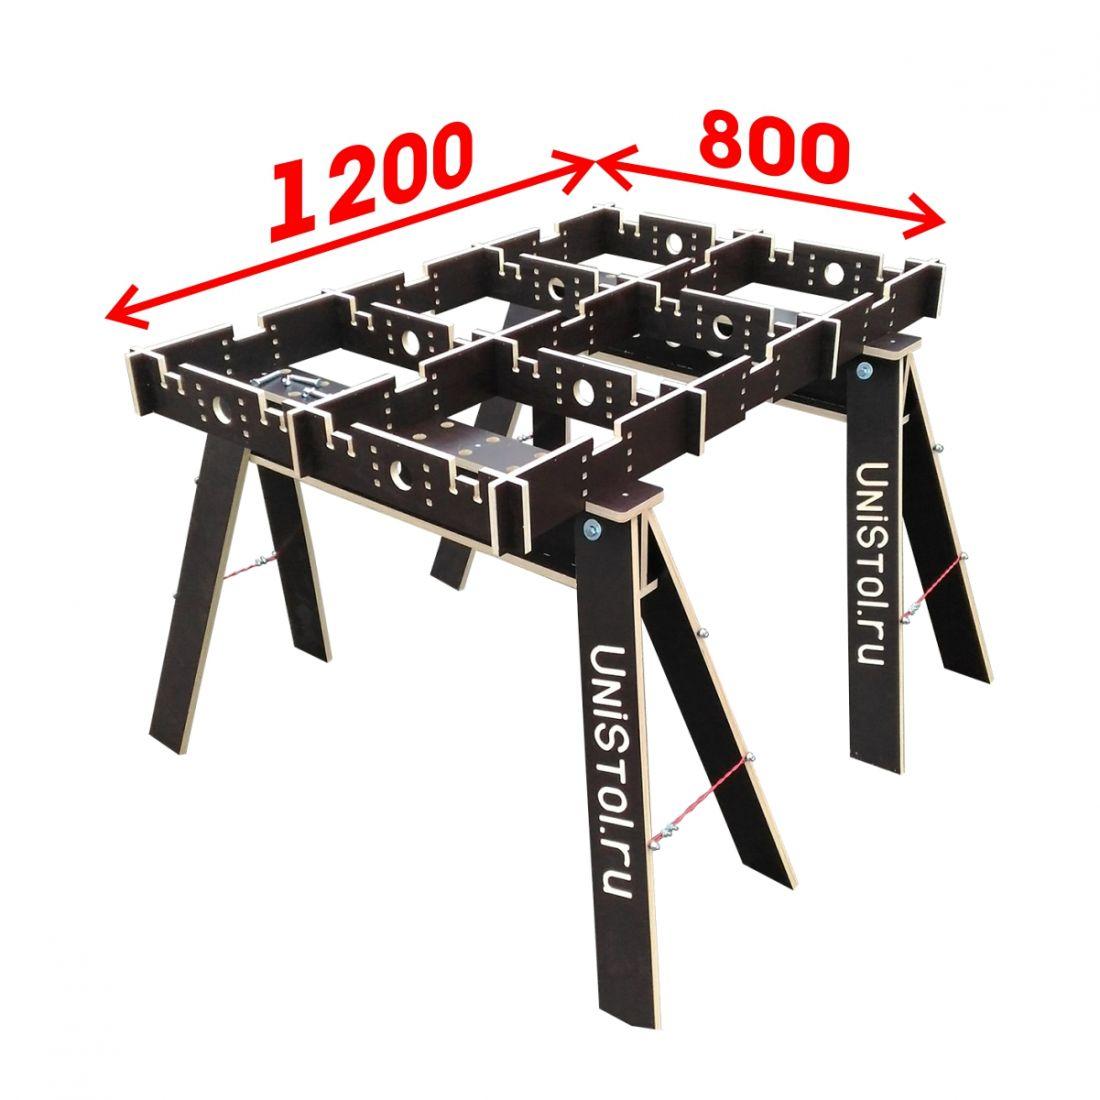 Ячеистый стол для раскроя листовых материалов 1200x800 мм без столешницы